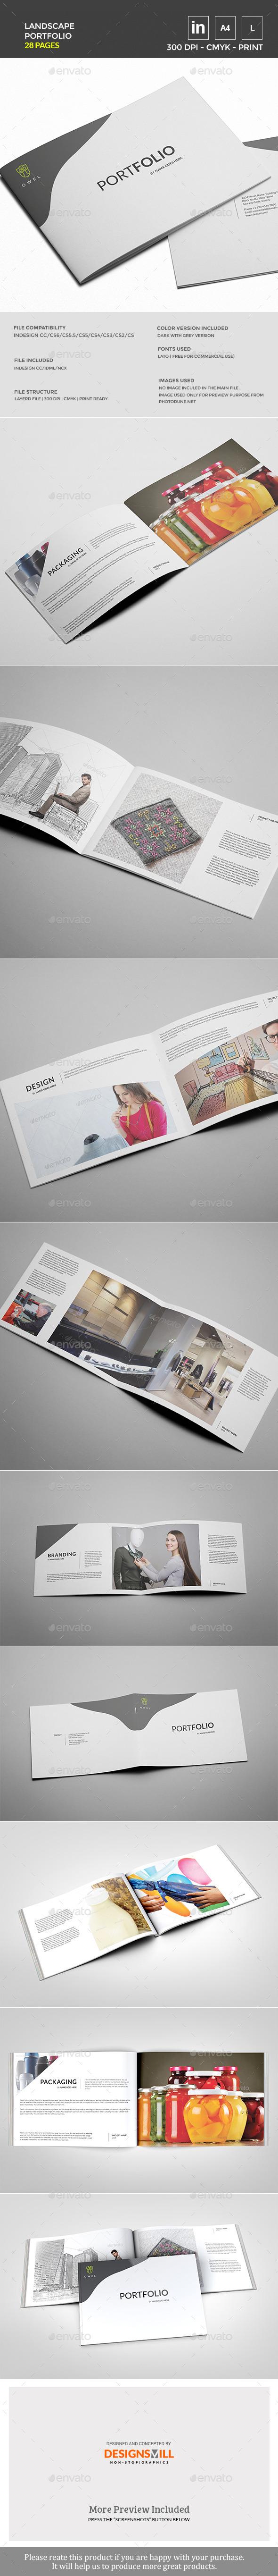 GraphicRiver Landscape Portfolio Template 11562447